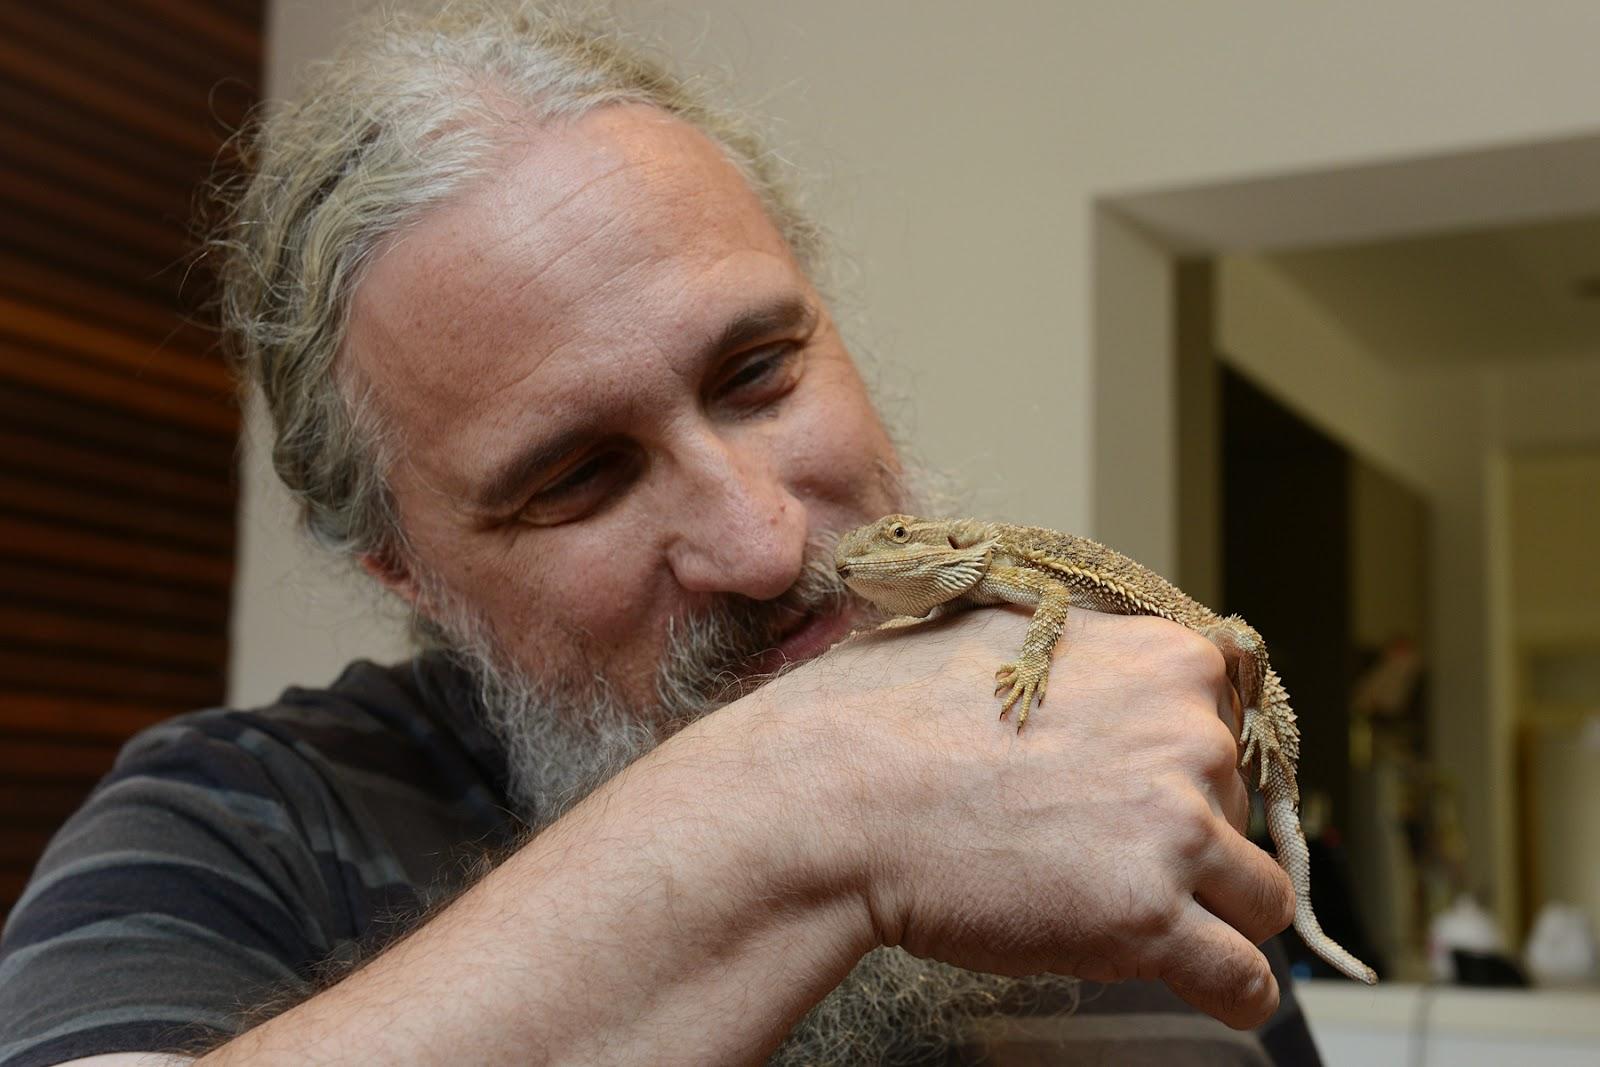 Glenn Shea herpetologist